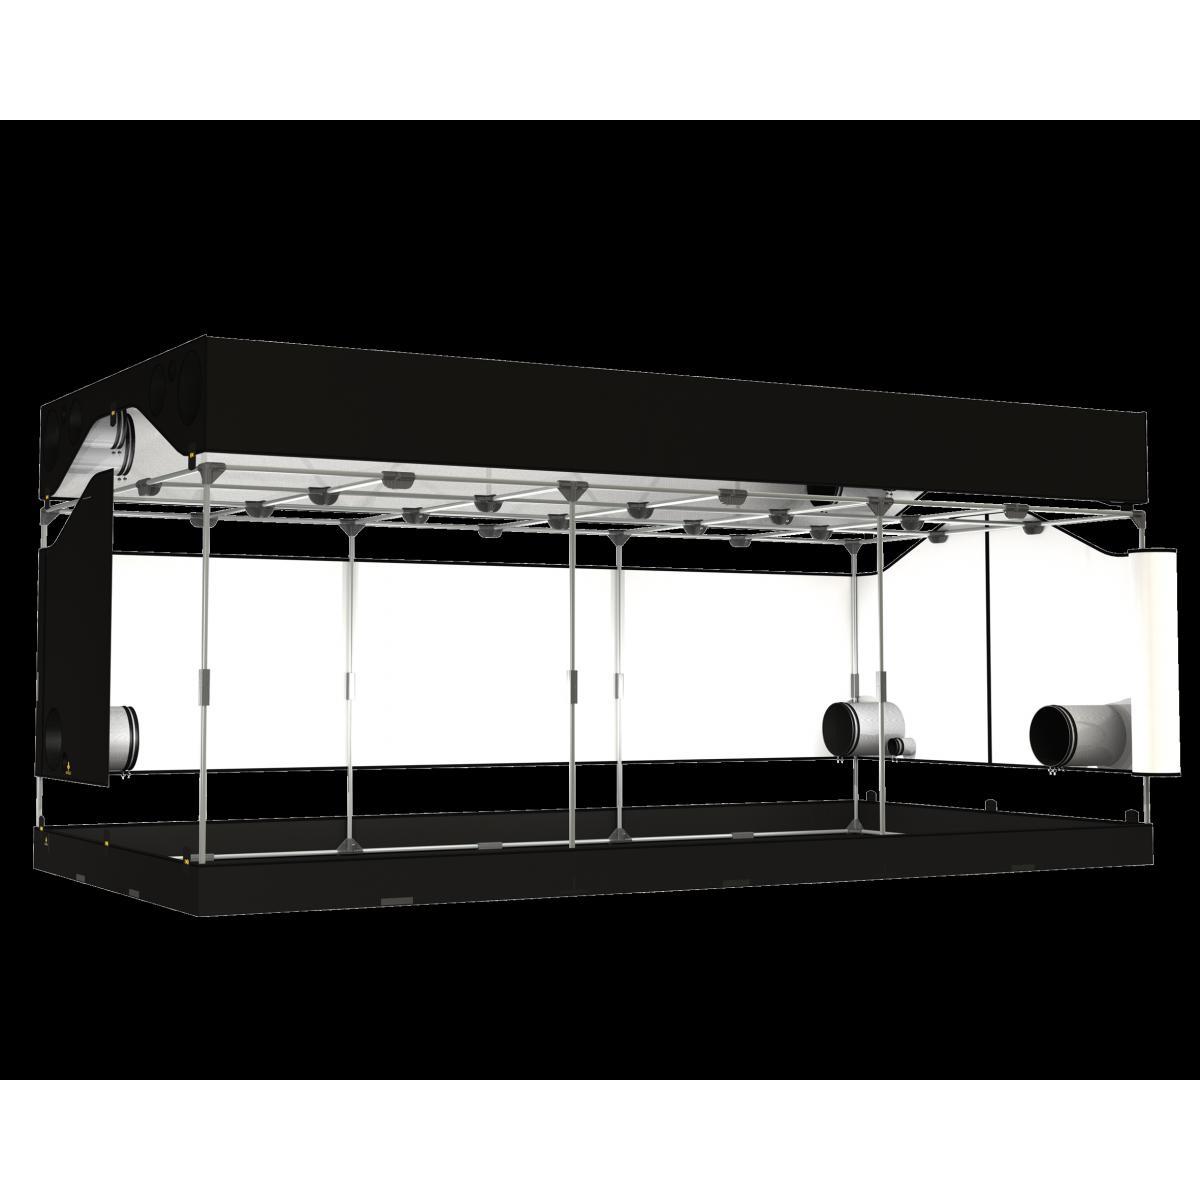 Tente Orca 600x300x215cm La Culture Haut De Gamme